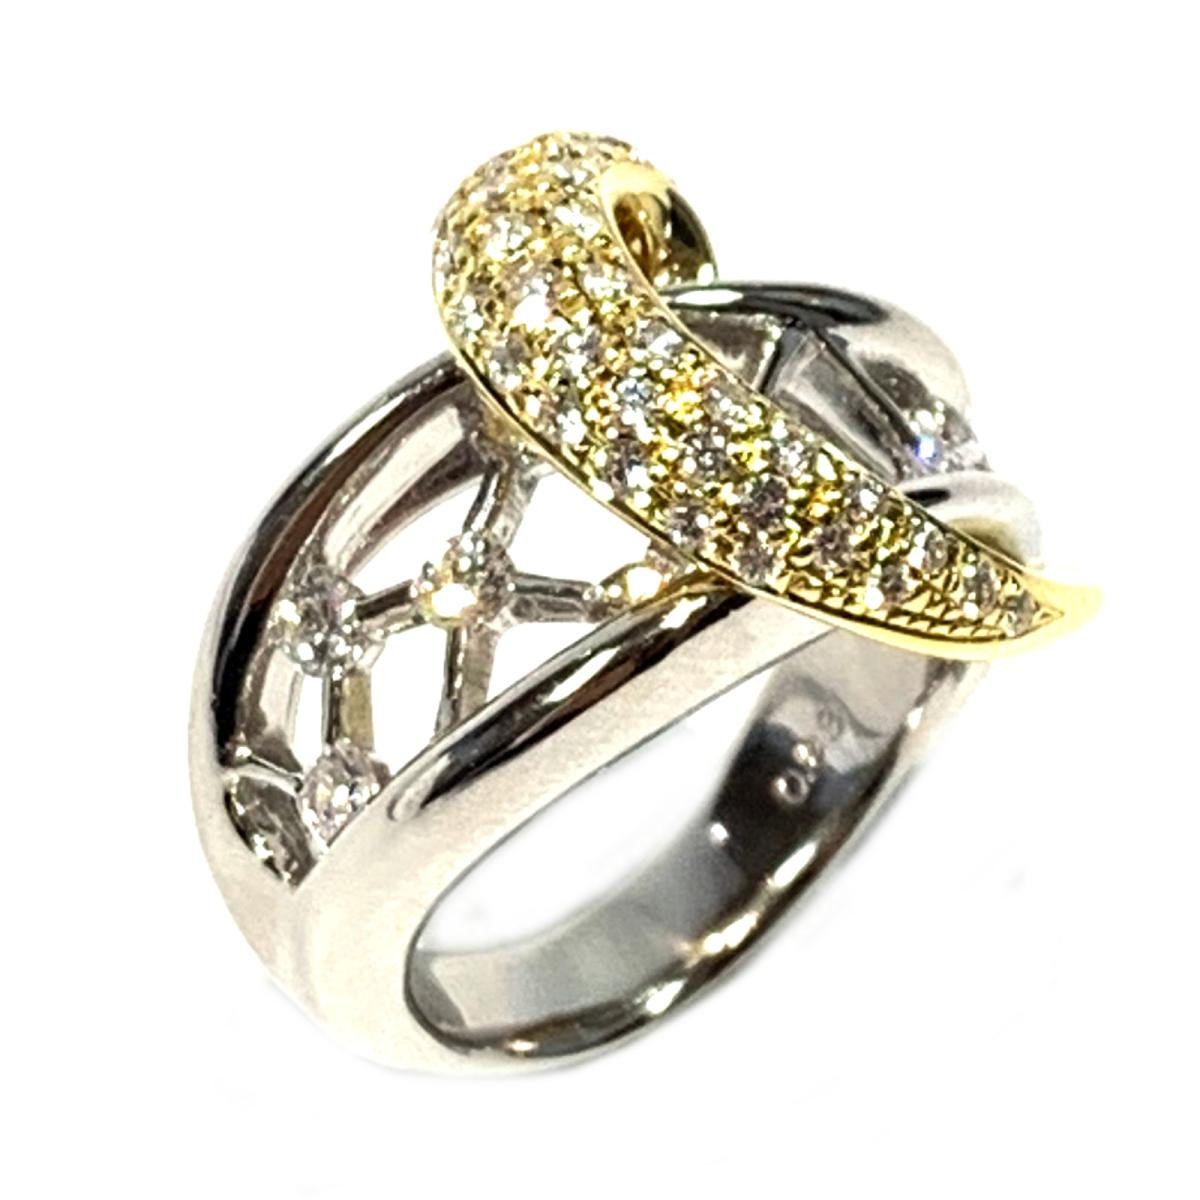 【中古】 ジュエリー ダイヤモンド リング 指輪 レディース PT900 プラチナ x K18 (750) シルバー ゴールド | JEWELRY BRANDOFF ブランドオフ ブランド アクセサリー